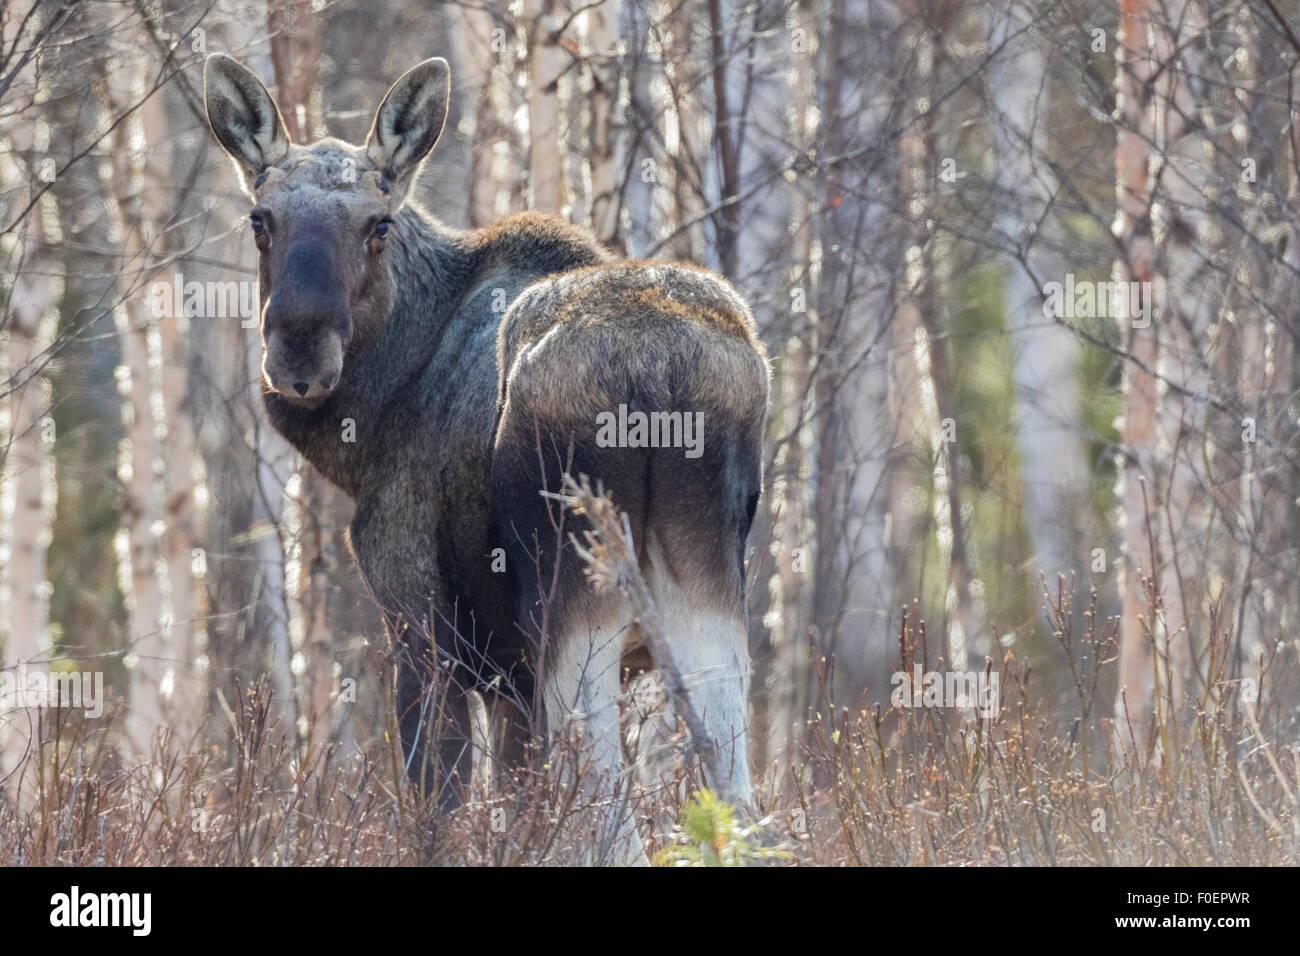 L'orignal, l'Alces alces, debout parmi les bouleaux sans feuilles, llooking dans à l'appareil photo, Photo Stock